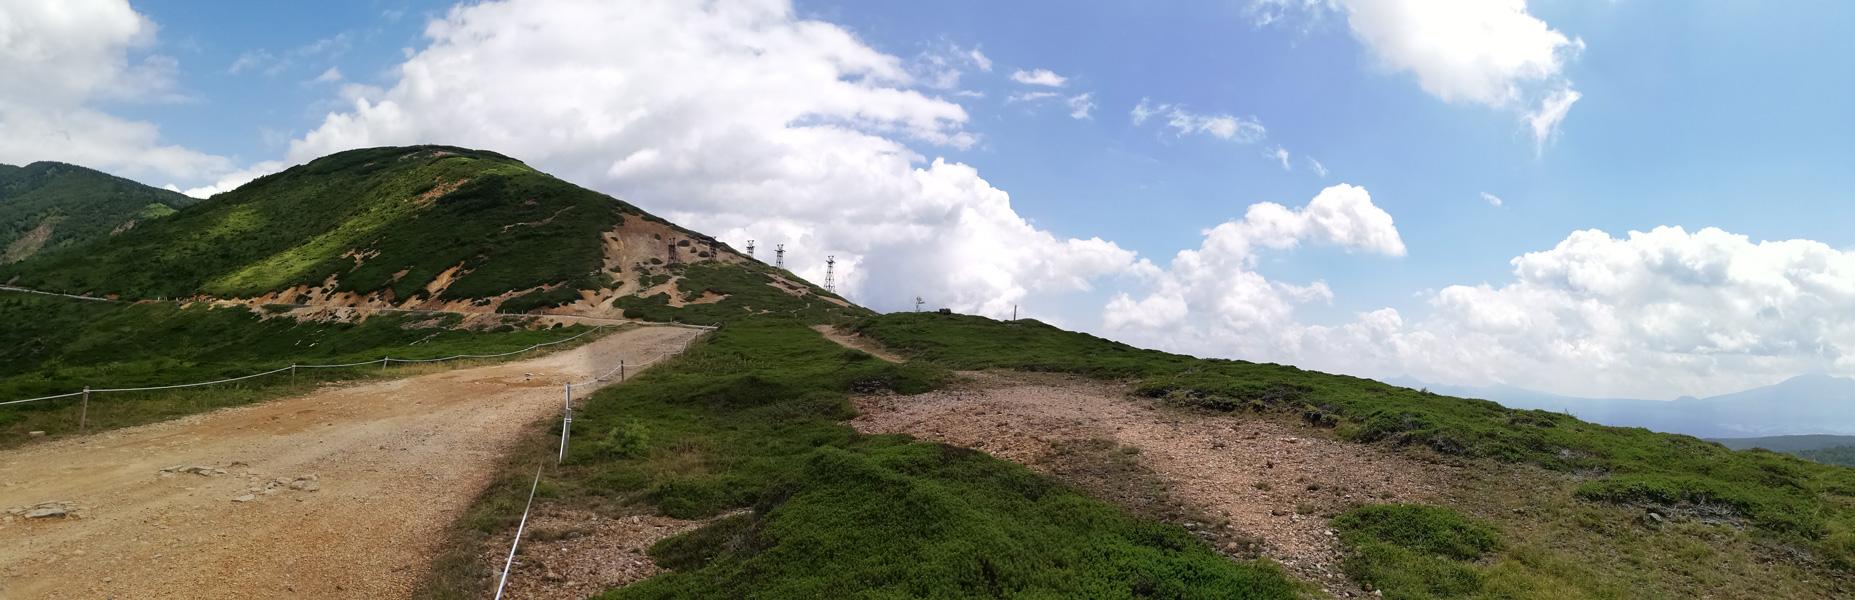 【写真2】毛無峠(小串硫黄鉱山遺構):HUAWEI P20 lite(ANE-LX2J)、3.81mm、プログラムAE、AWB、パノラマモード